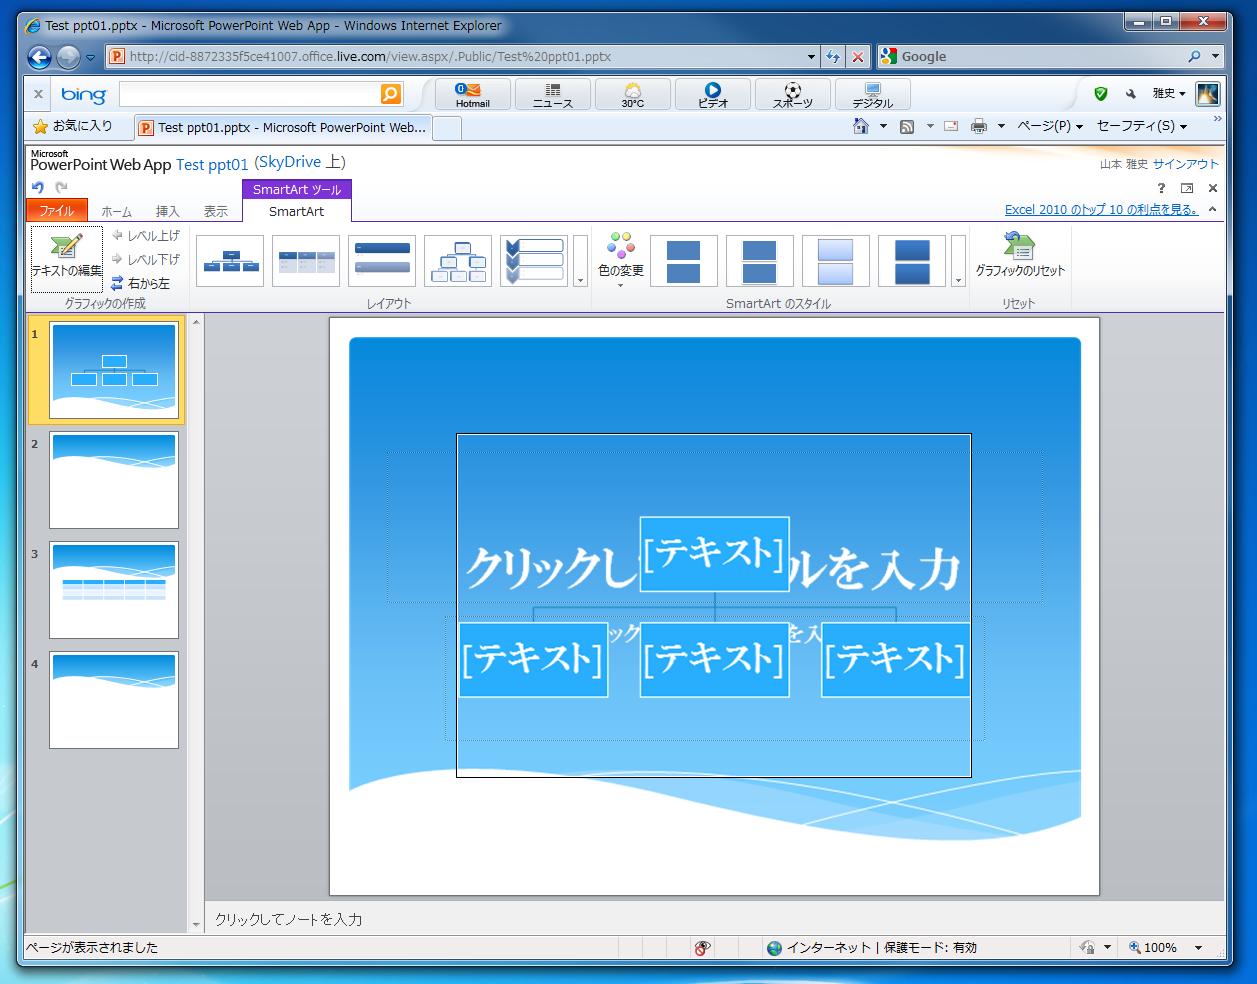 PCのPowerPoint 2010でSmartArtを挿入しておけば、PowerPoint Web App上で編集ができる